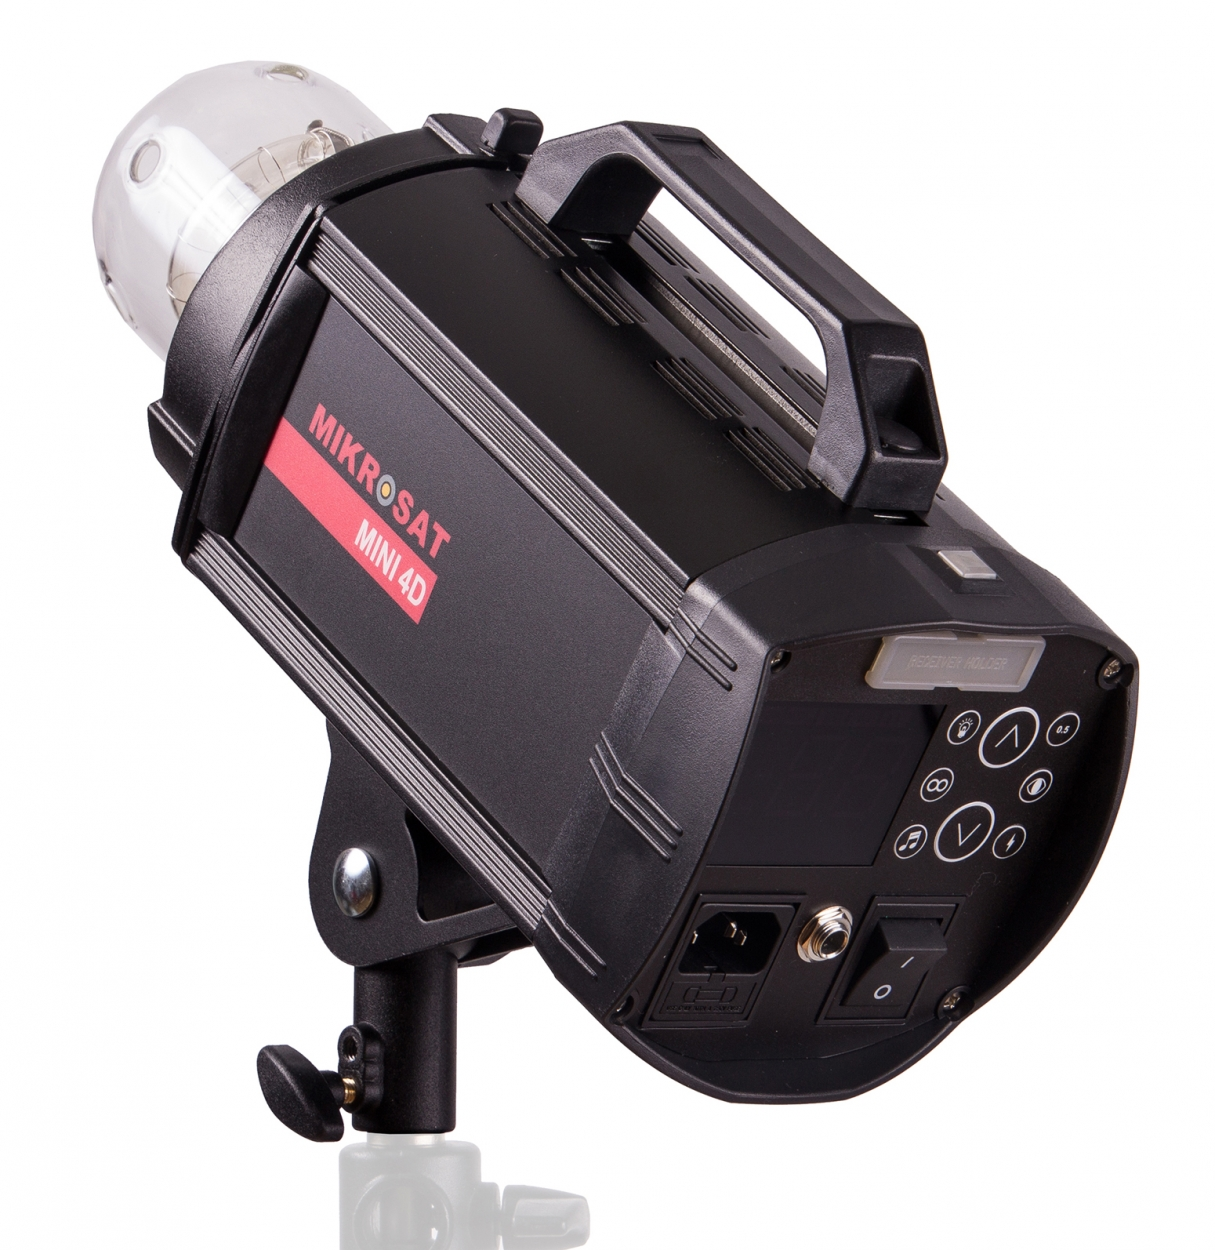 Mikrosat Mini 4D Studioblitz